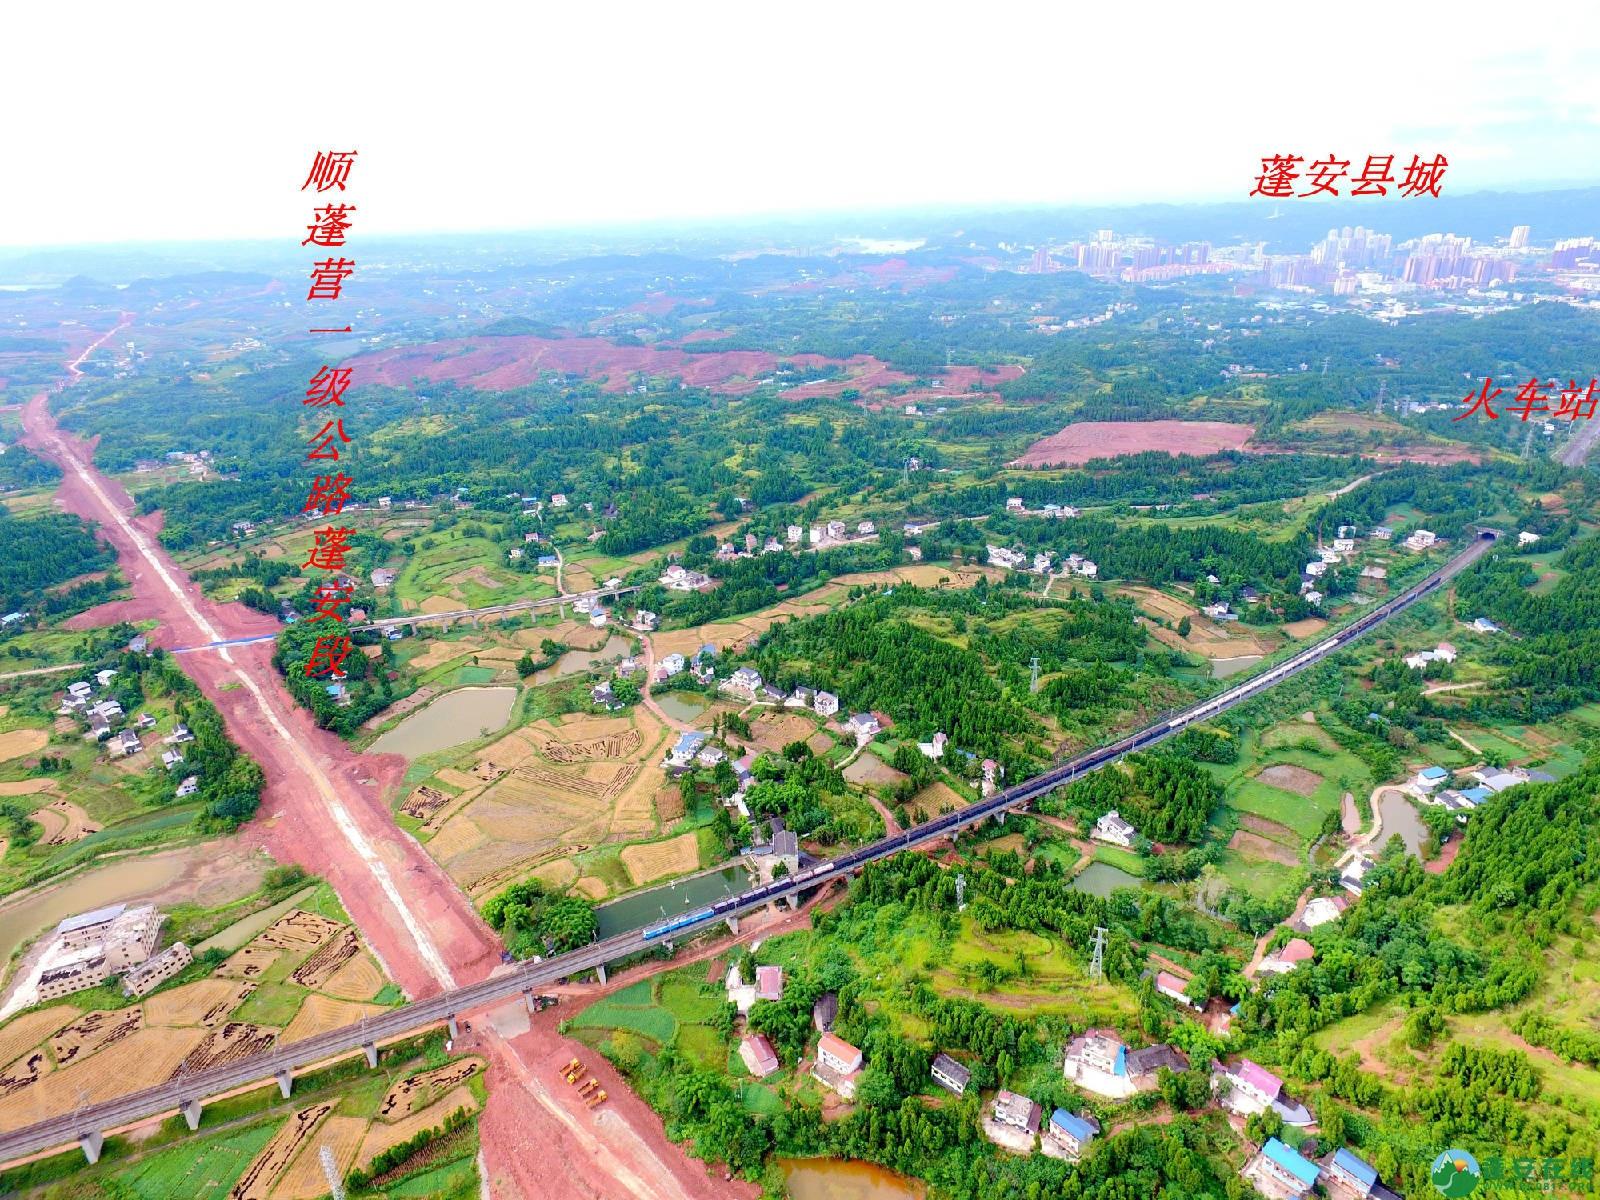 顺蓬营一级公路蓬安段、青云大道二期道路最新进展(2019.8.29) - 第2张  | 蓬安在线